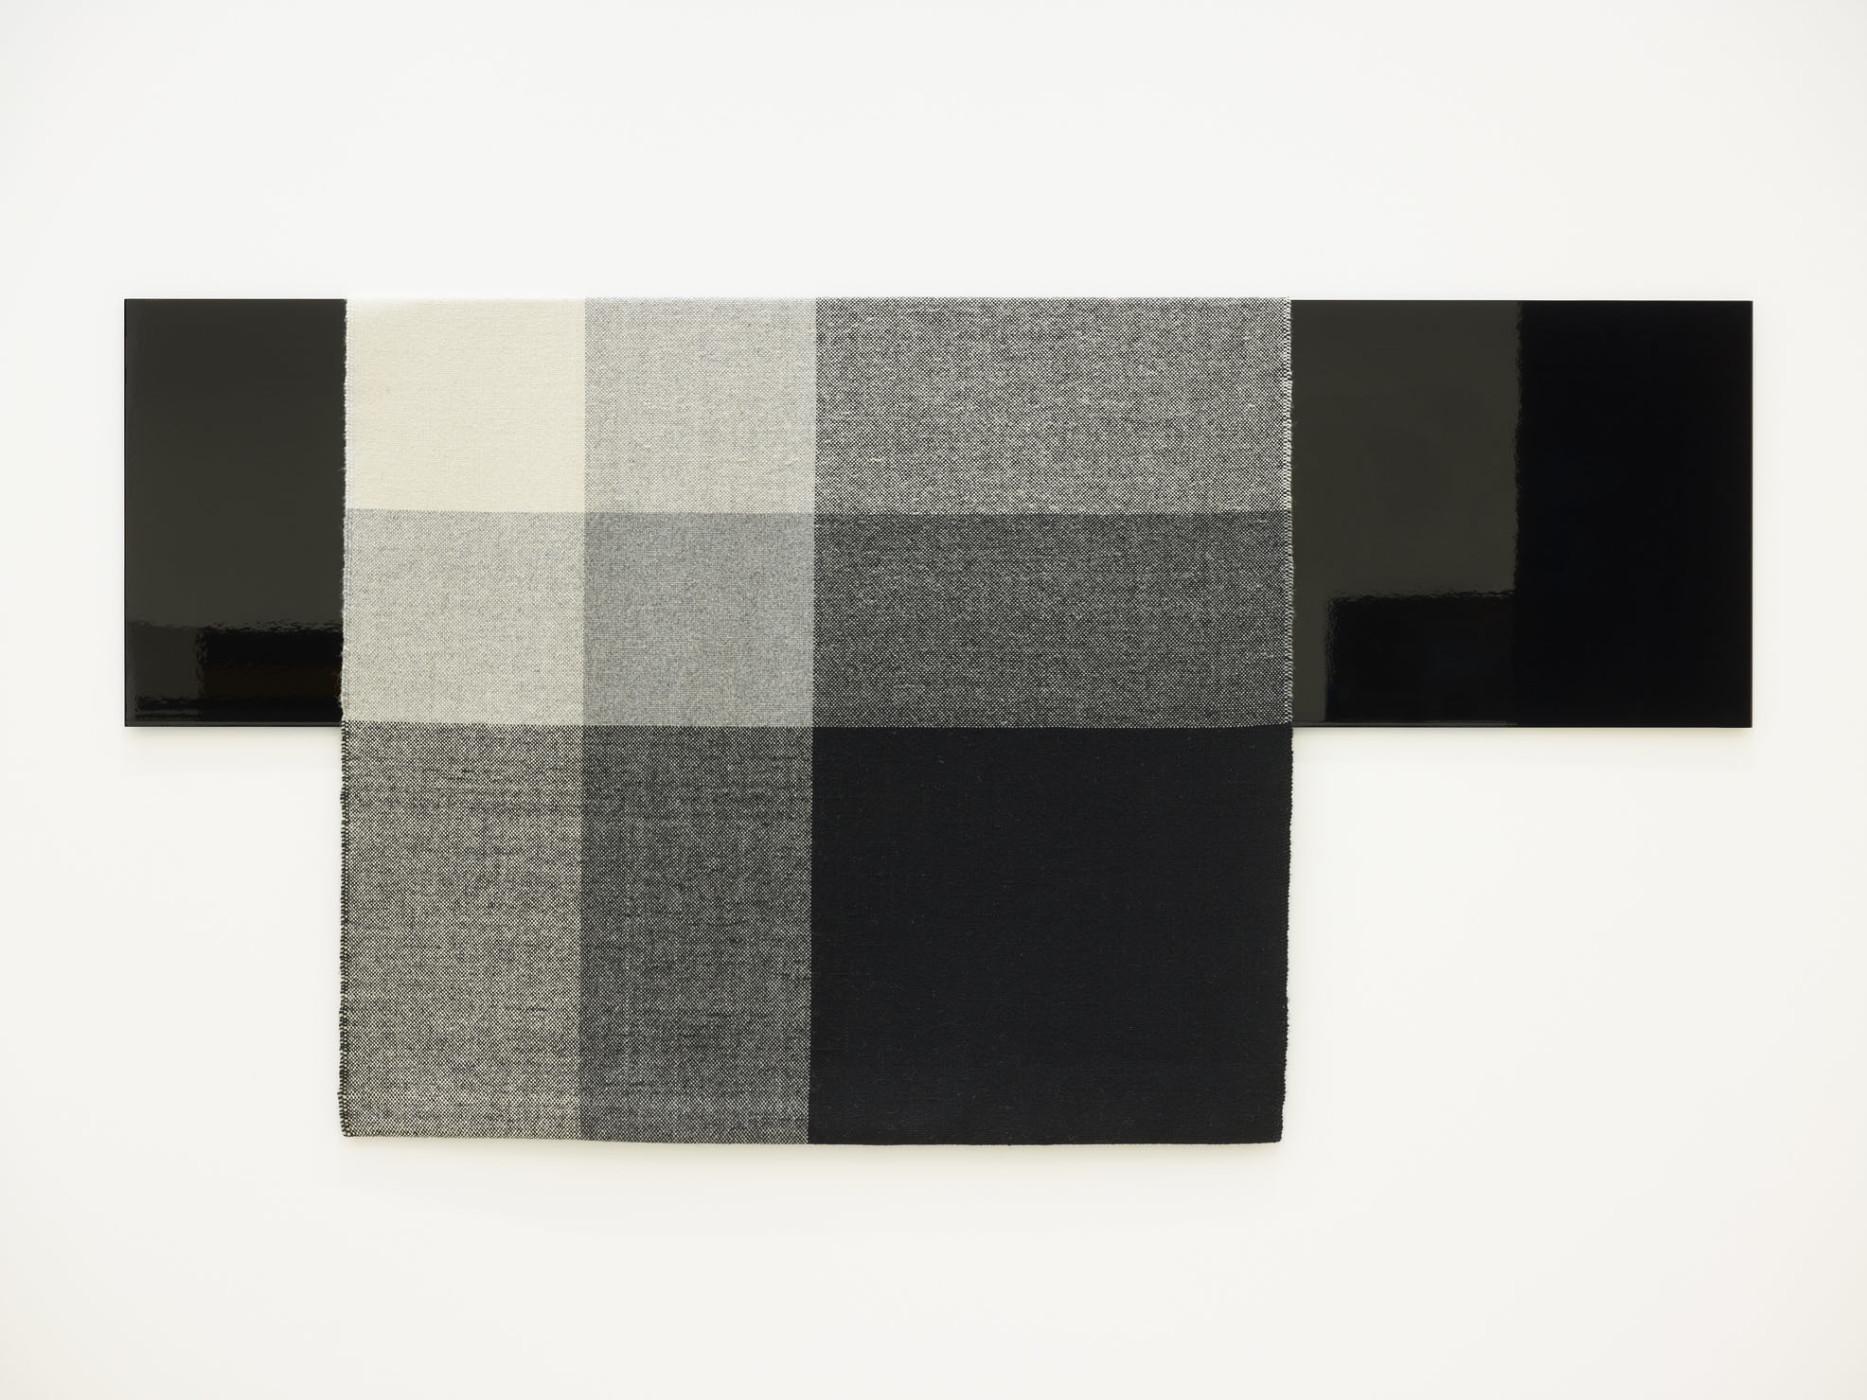 """<div class=""""artwork_caption""""><p><em>Parallel Planar Panel (black, dark grey, light grey, off-white)</em>, 2014</p><div class=""""medium"""">painted aluminium and woven textile</div><div class=""""dimensions"""">127 x 222.3 x 3.8 cm</div><div class=""""dimensions"""">50 x 87 ½ x 1 ½ in.</div></div>"""